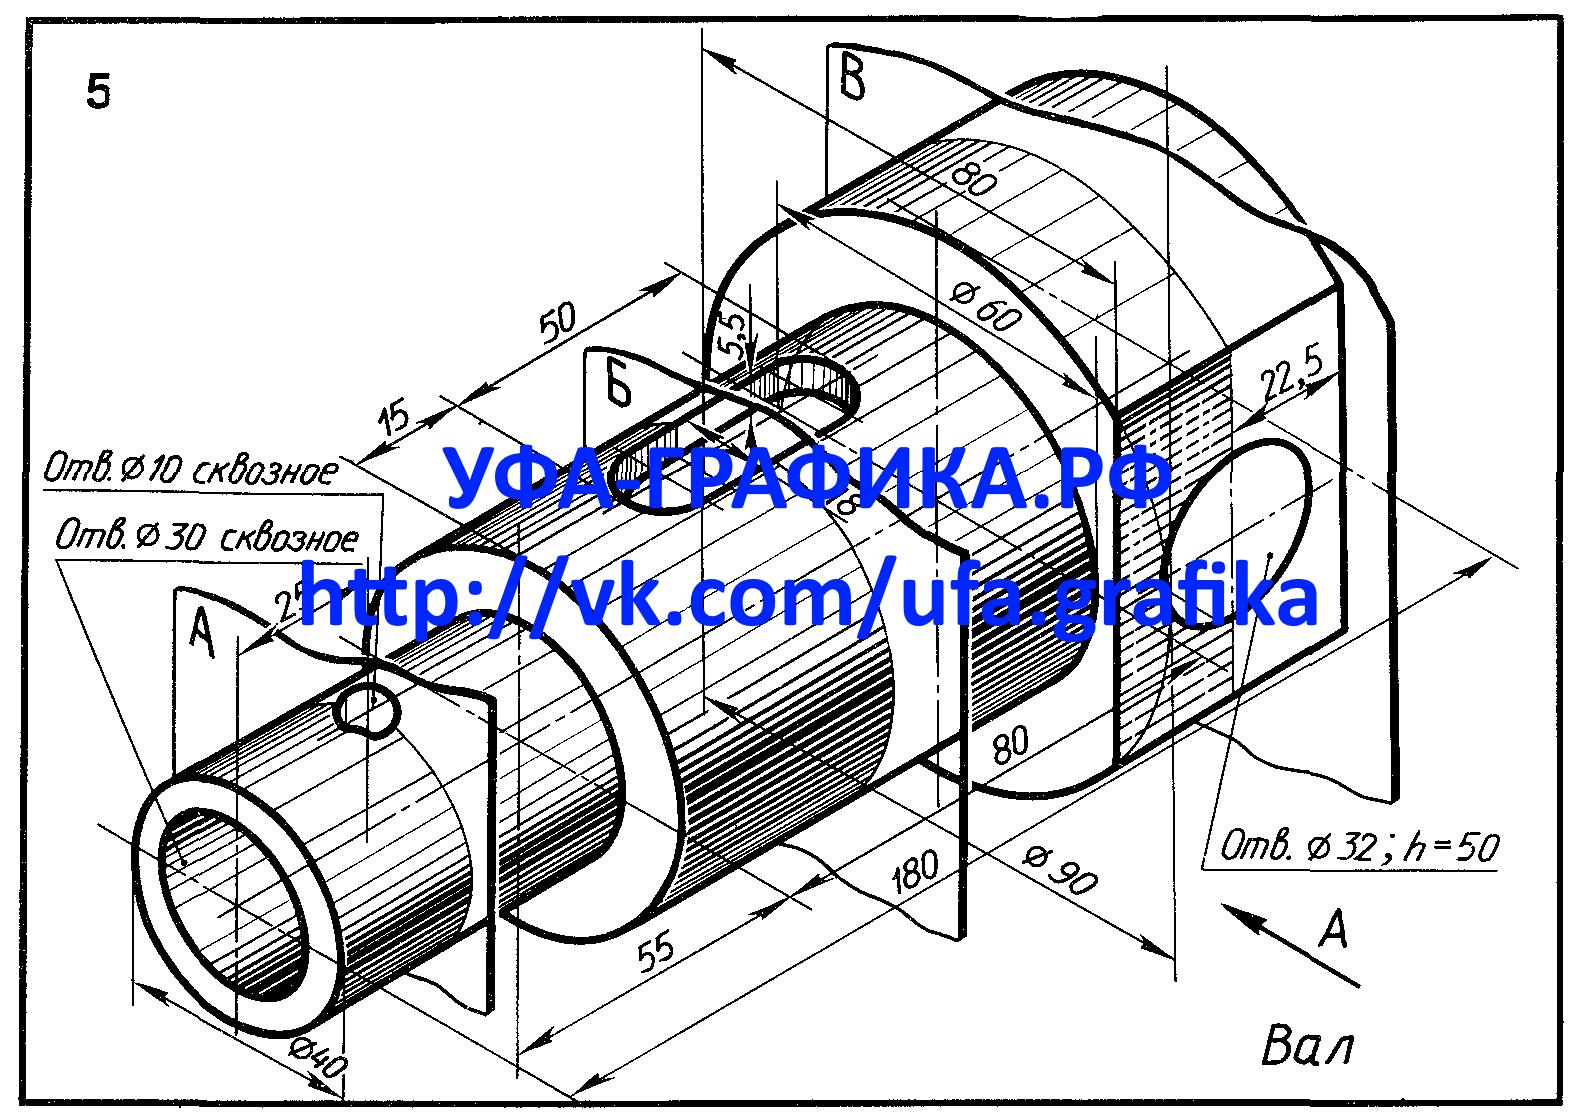 Сечения вала - Вариант 5, чертежи, деталирование, 3Д модели, начертательная геометрия, инженерная графика